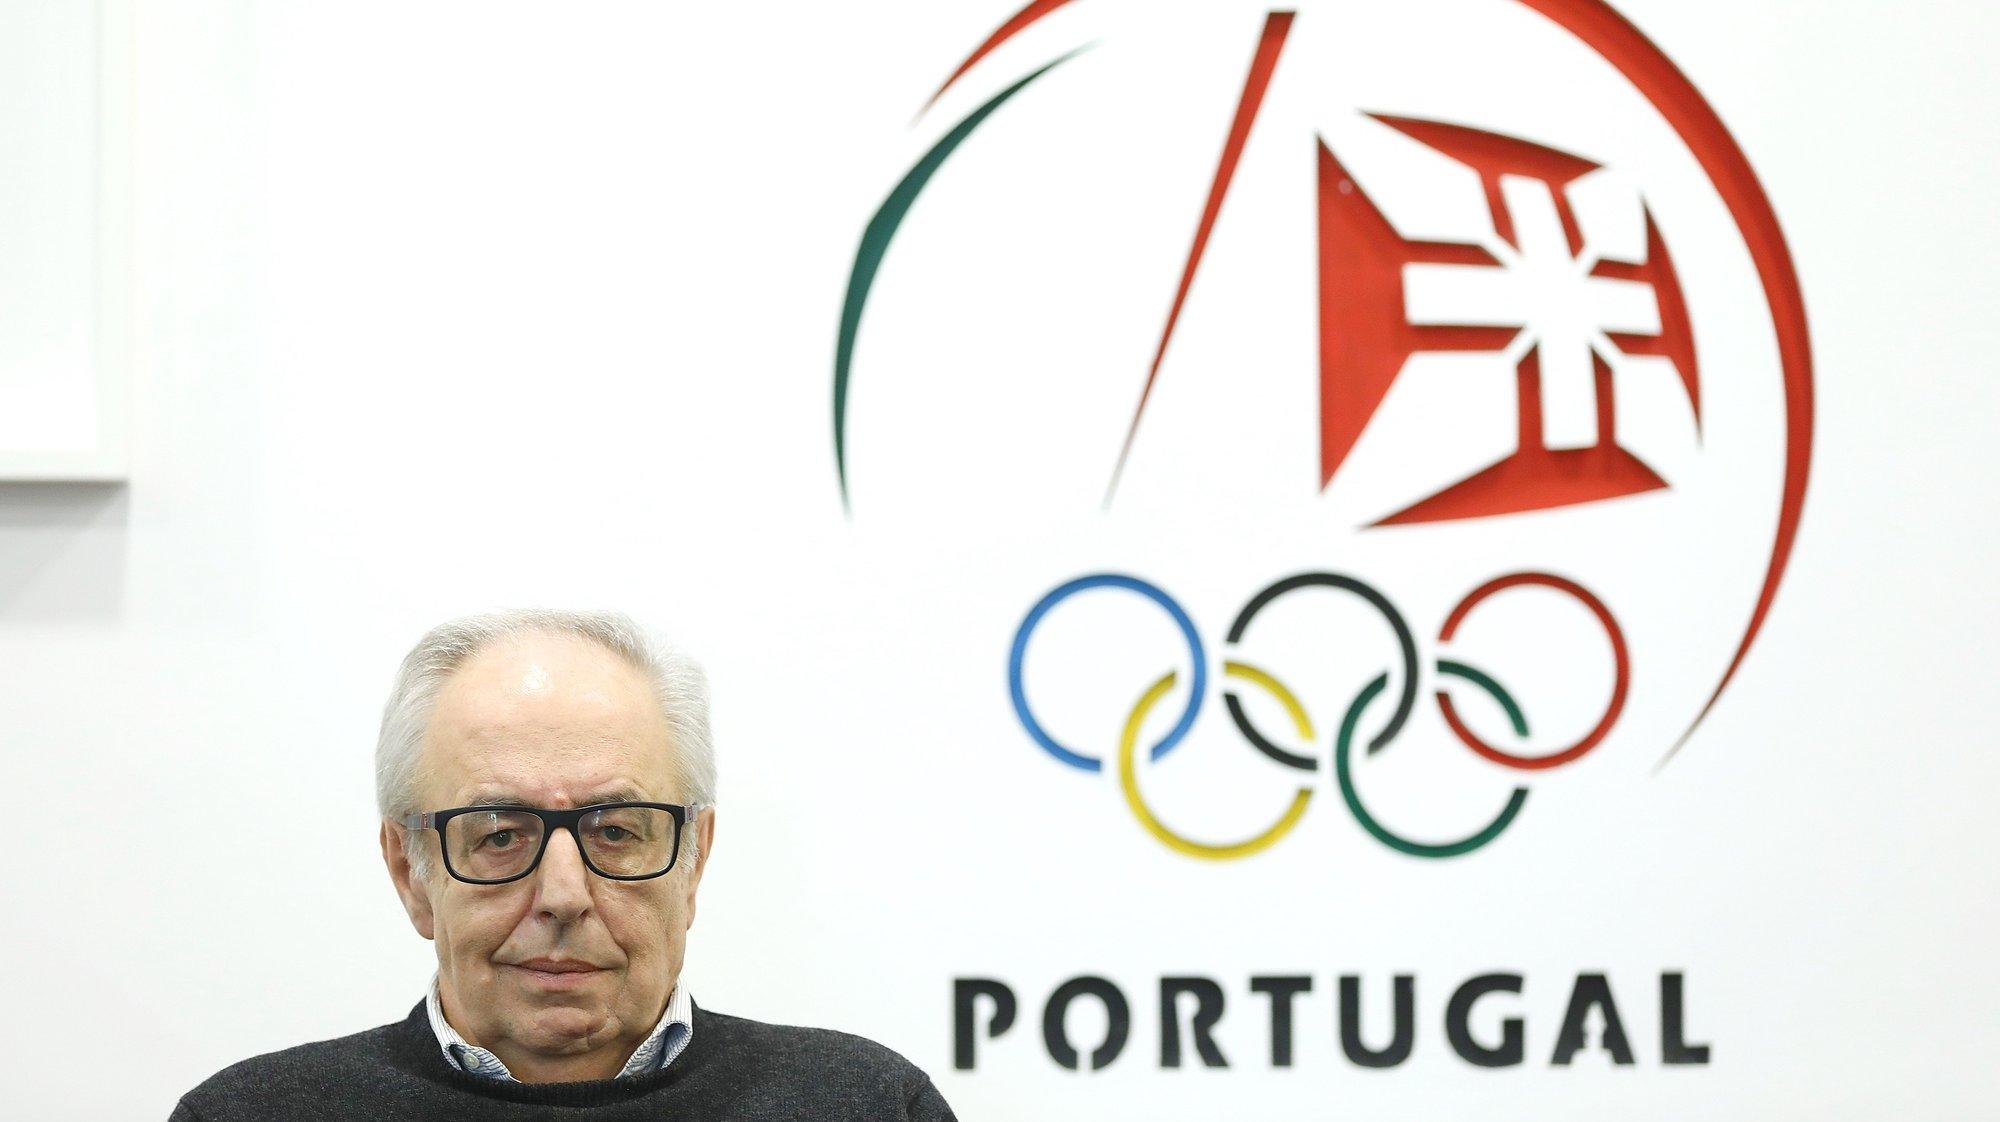 """O presidente do Comité Olímpico de Portugal, José Manuel Constantino, defendeu que o Governo tem deixado o desporto """"abandonado"""" e """"desprezado"""" durante a pandemia de covid-19, alertando para uma quebra """"muito significativa"""", estimada em 52%, nos indicadores da prática desportiva no país, em Lisboa, 14 de dezembro de 2020. Embora alerte há meses – sem sucesso - para os gravosos impactos do novo coronavírus no desporto nacional, o dirigente prometeu, na entrevista à agência Lusa, que não vai desistir de tentar sensibilizar o executivo de António Costa para a crise do setor, """"mesmo que o resultado não seja imediato"""". (ACOMPANHA TEXTO DE 24/12/2020) ANTÓNIO PEDRO SANTOS/LUSA"""